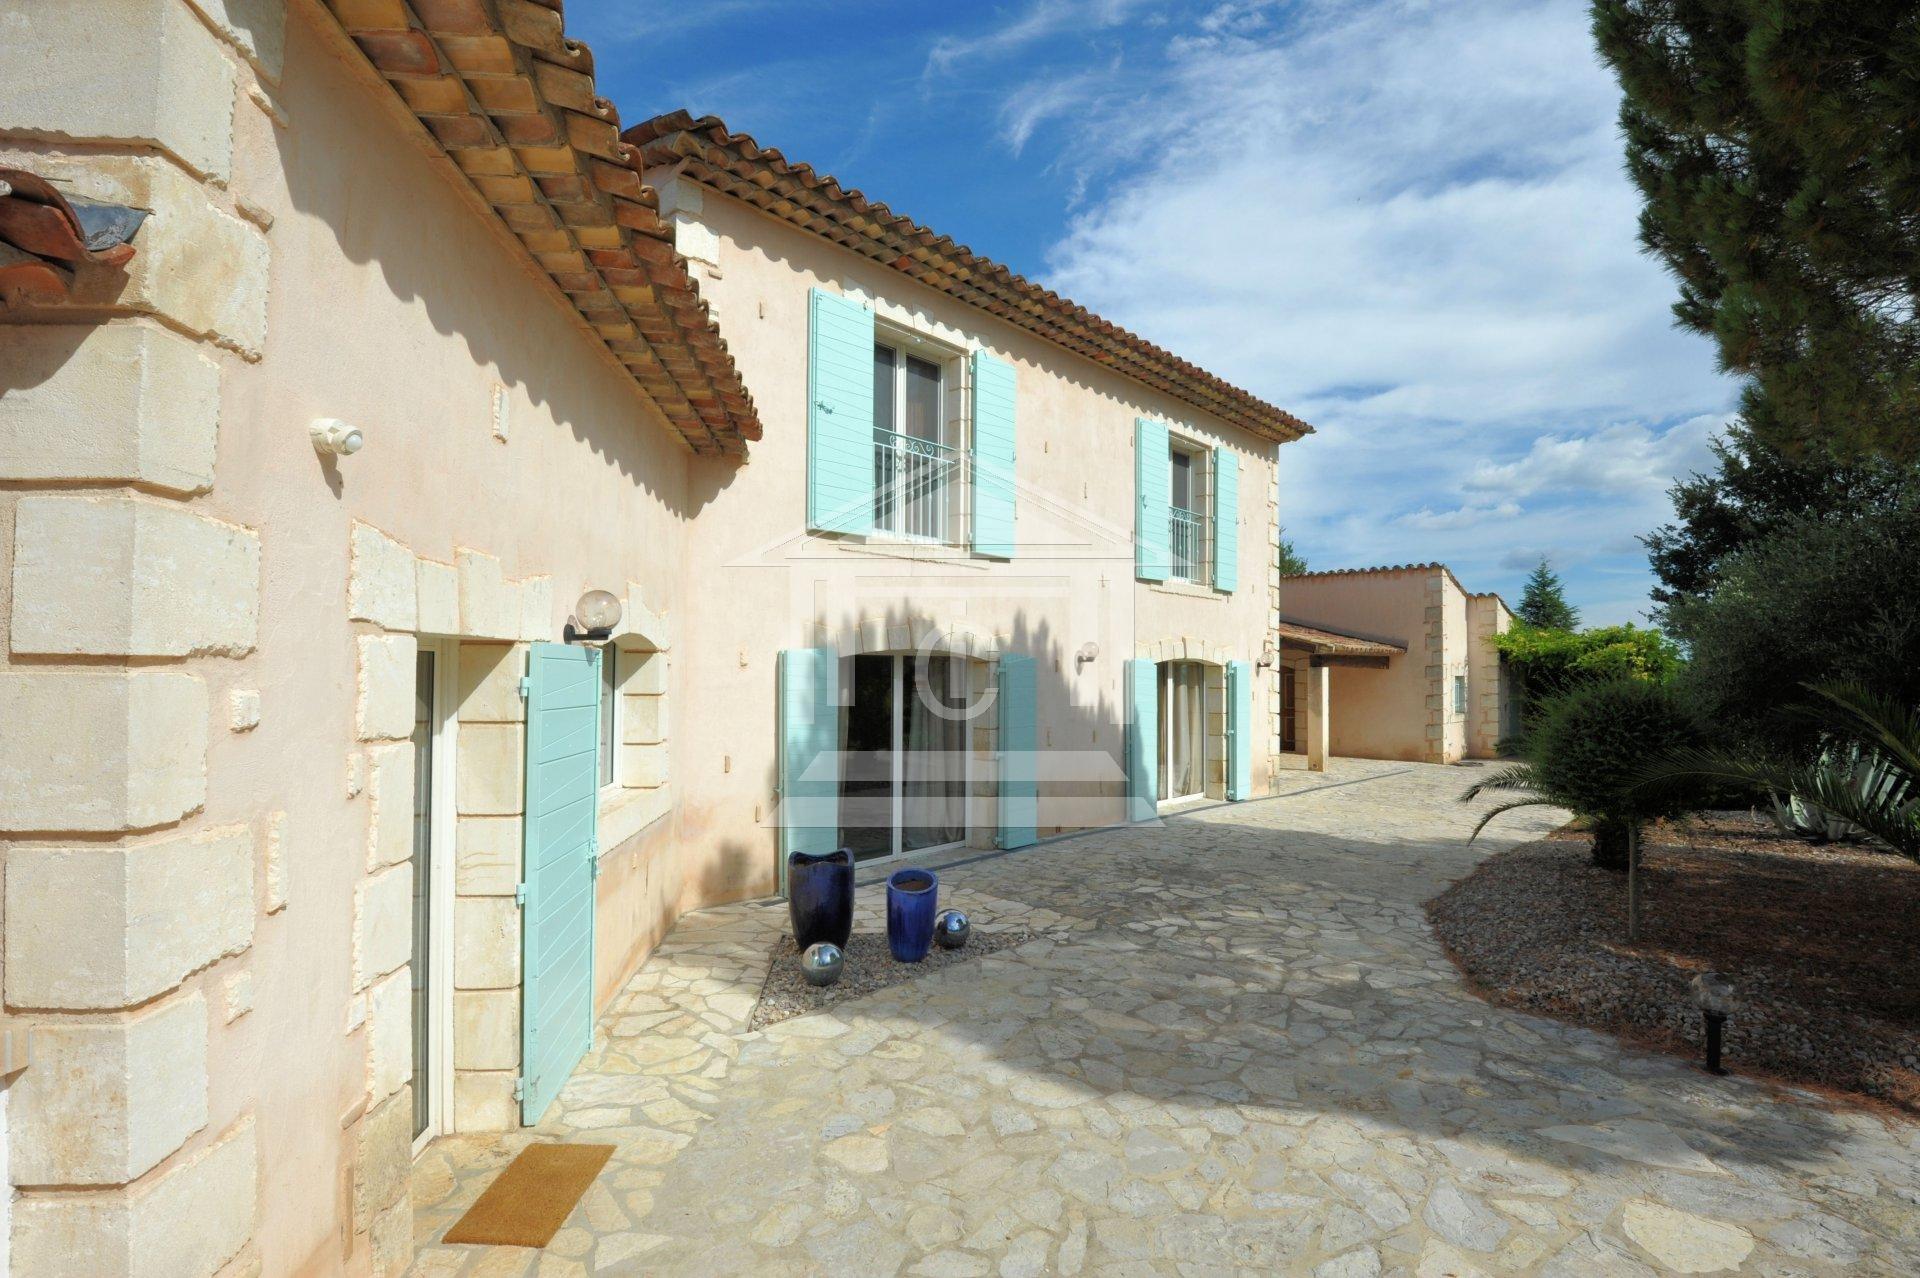 Verkauf Immobilie - Saint-Paul-en-Forêt